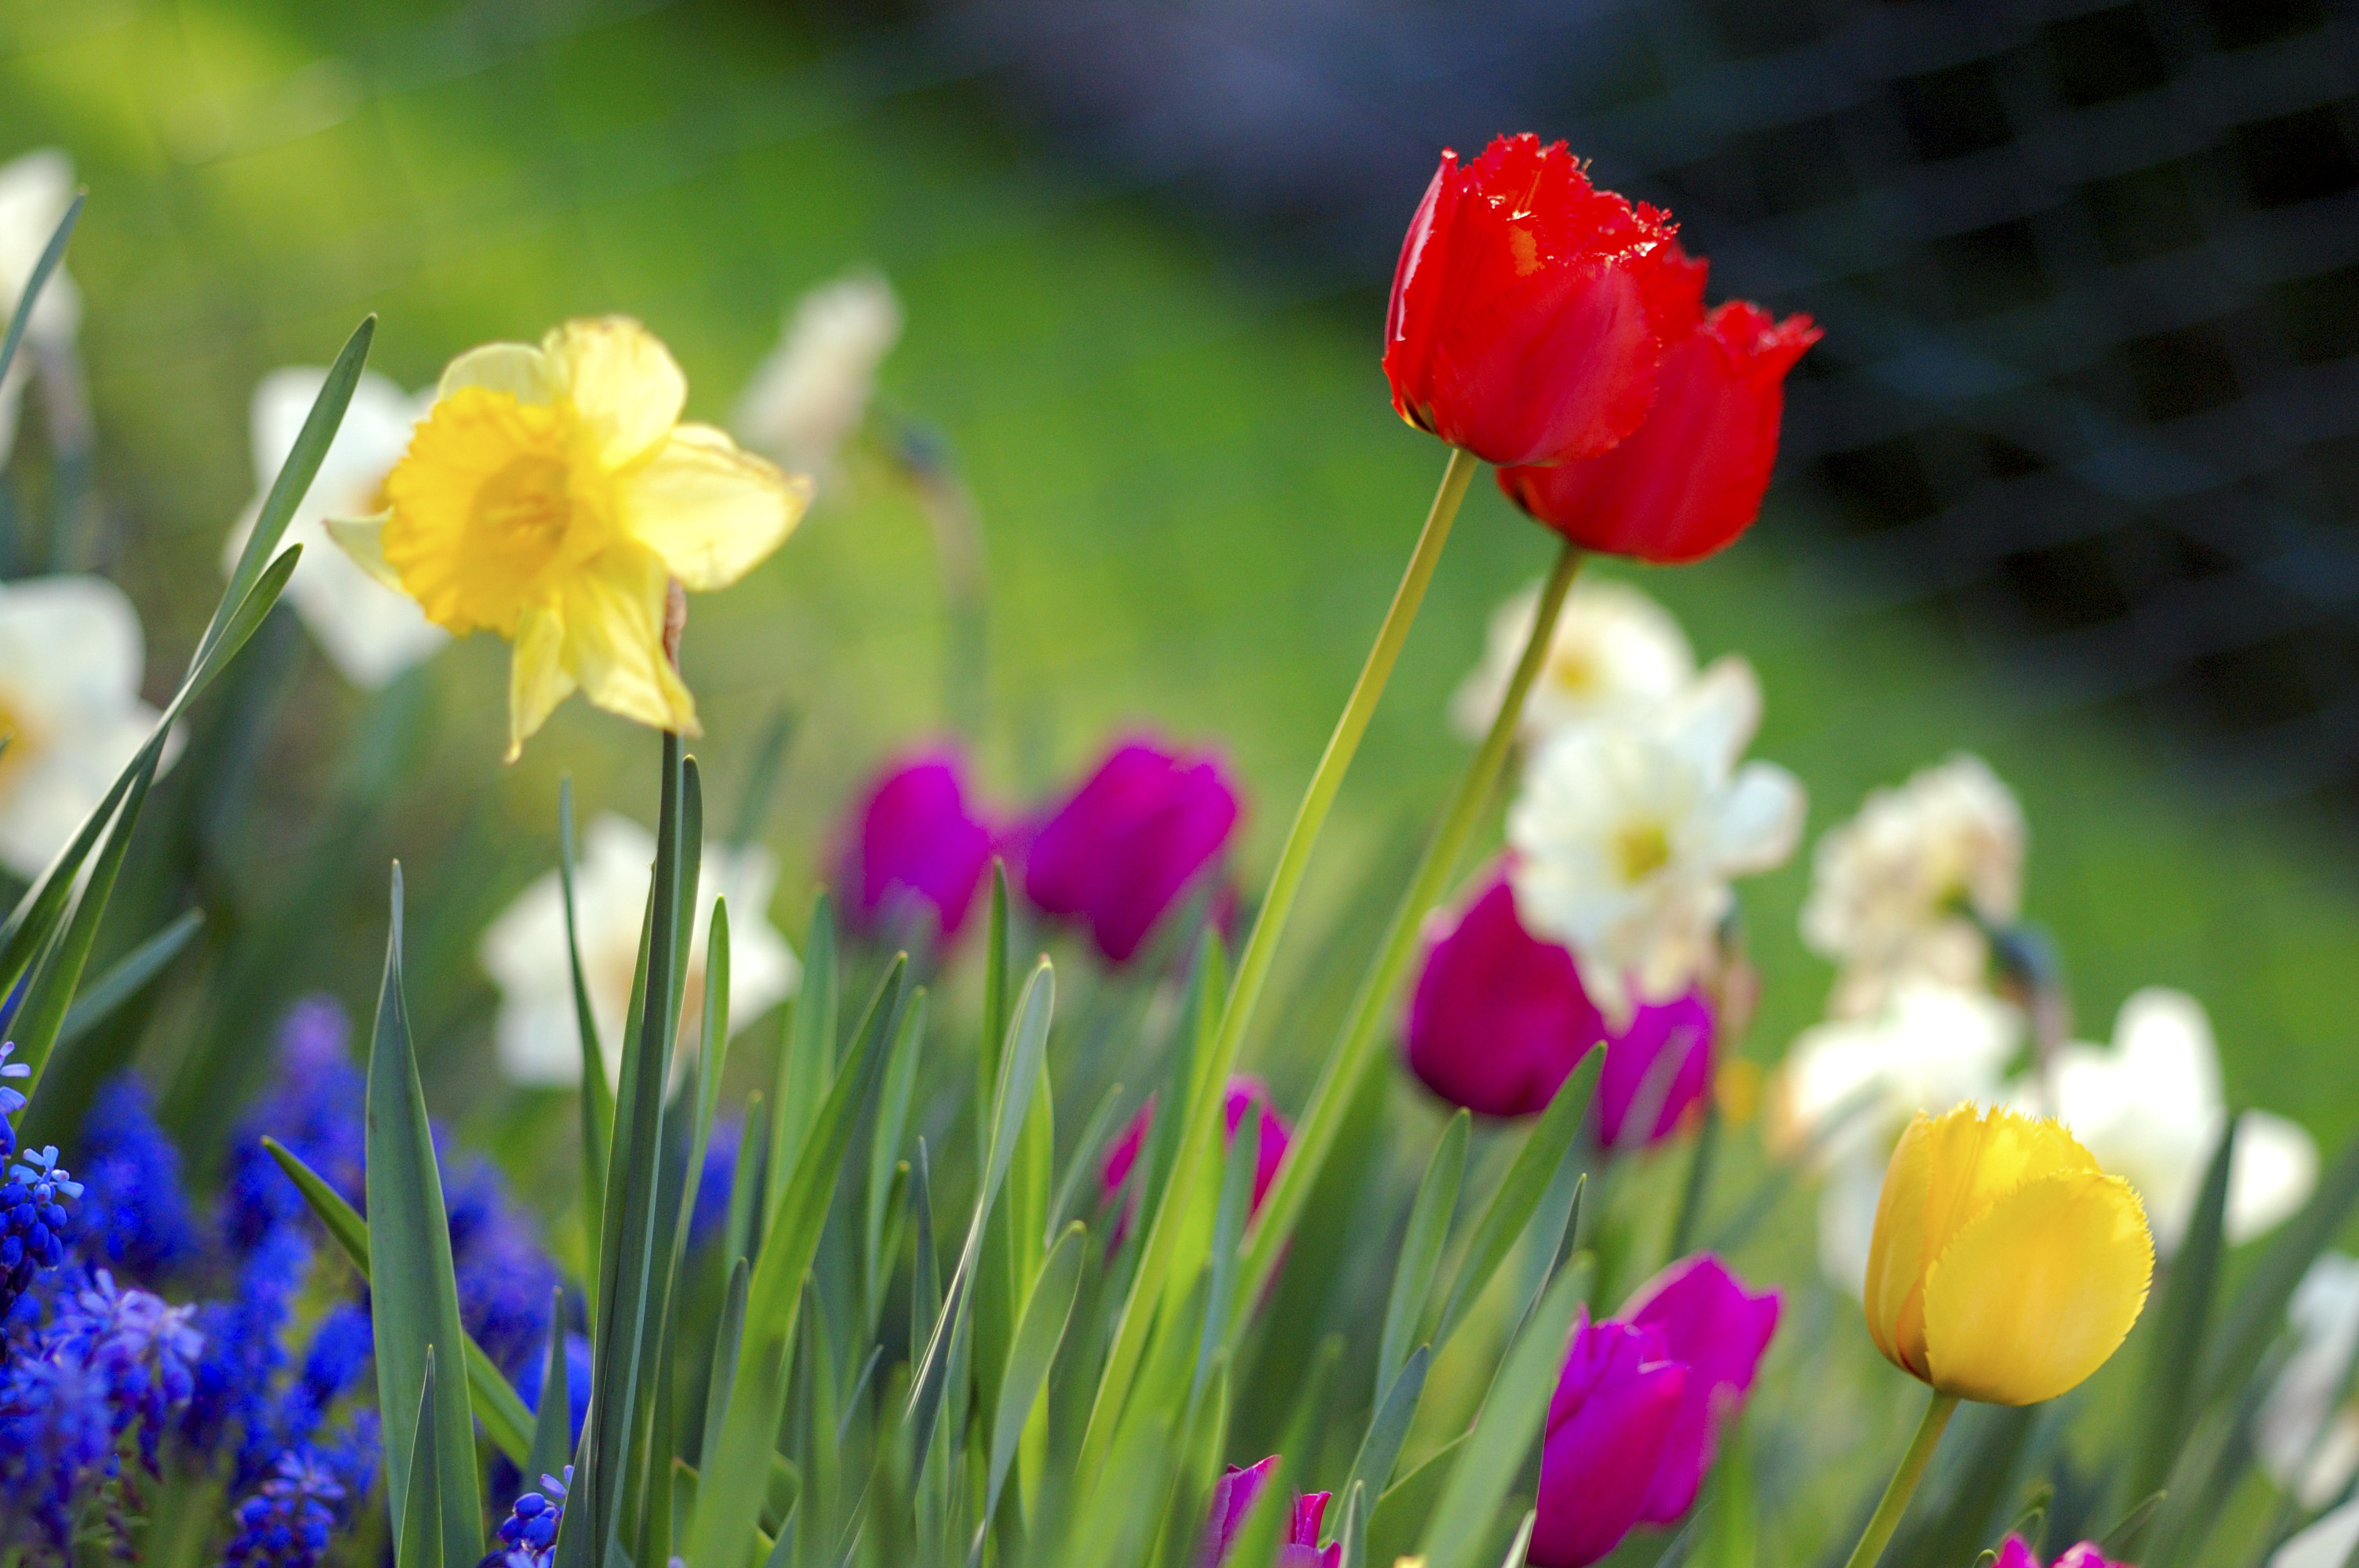 Preparar el jardín para la primavera 2